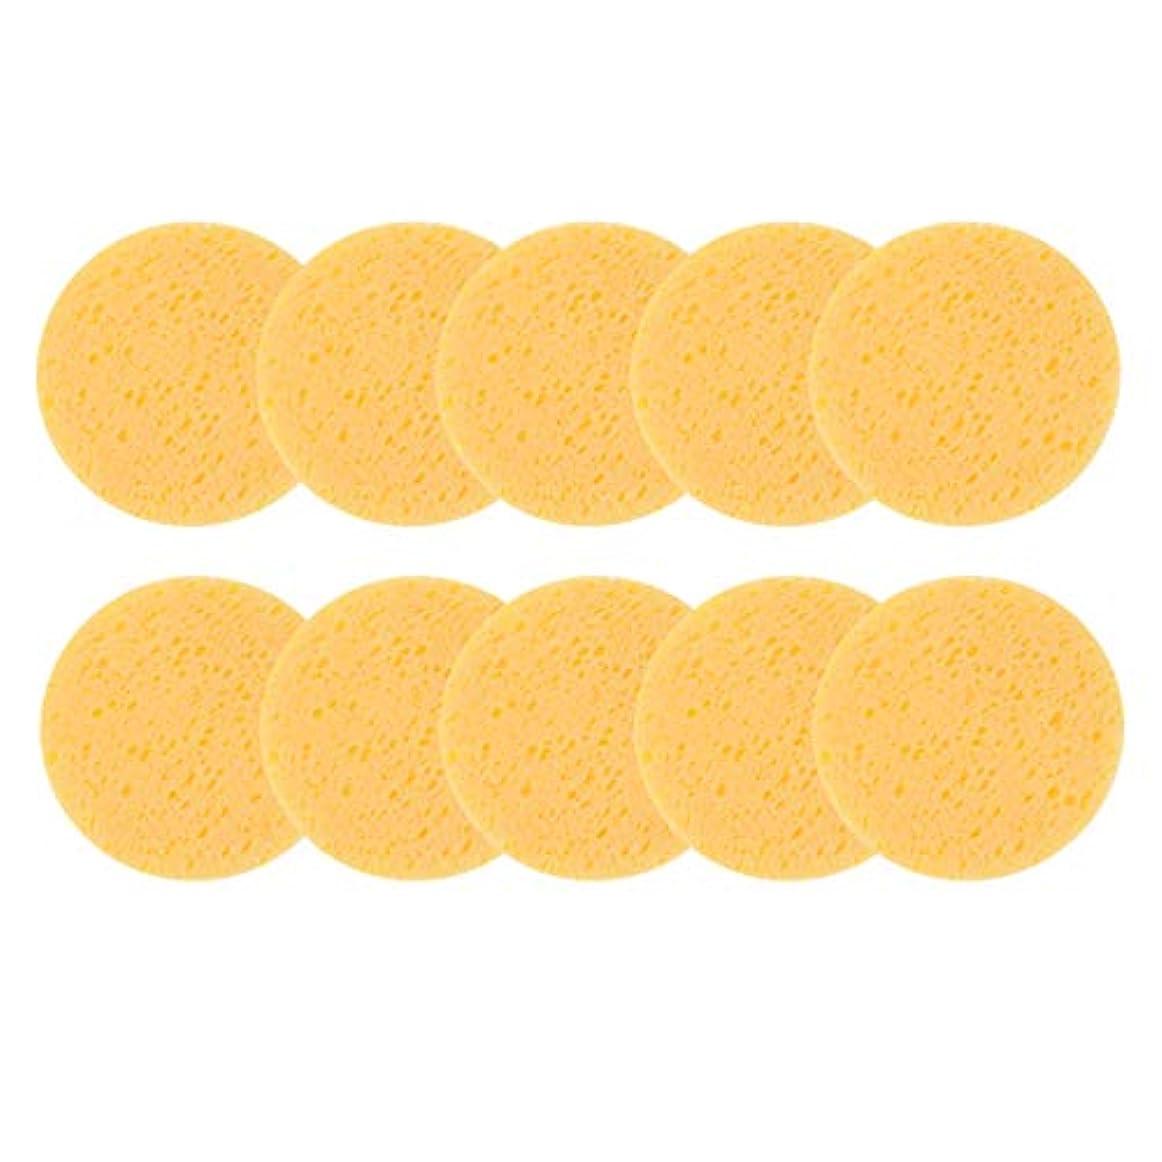 雇用者気球世界Frcolor フェイシャルスポンジ クレンジングシート メイク落とし 柔らかい 天然 美肌 角質 皮脂 除去 洗顔 拭き取り用 スポンジ 10個セット(黄色)